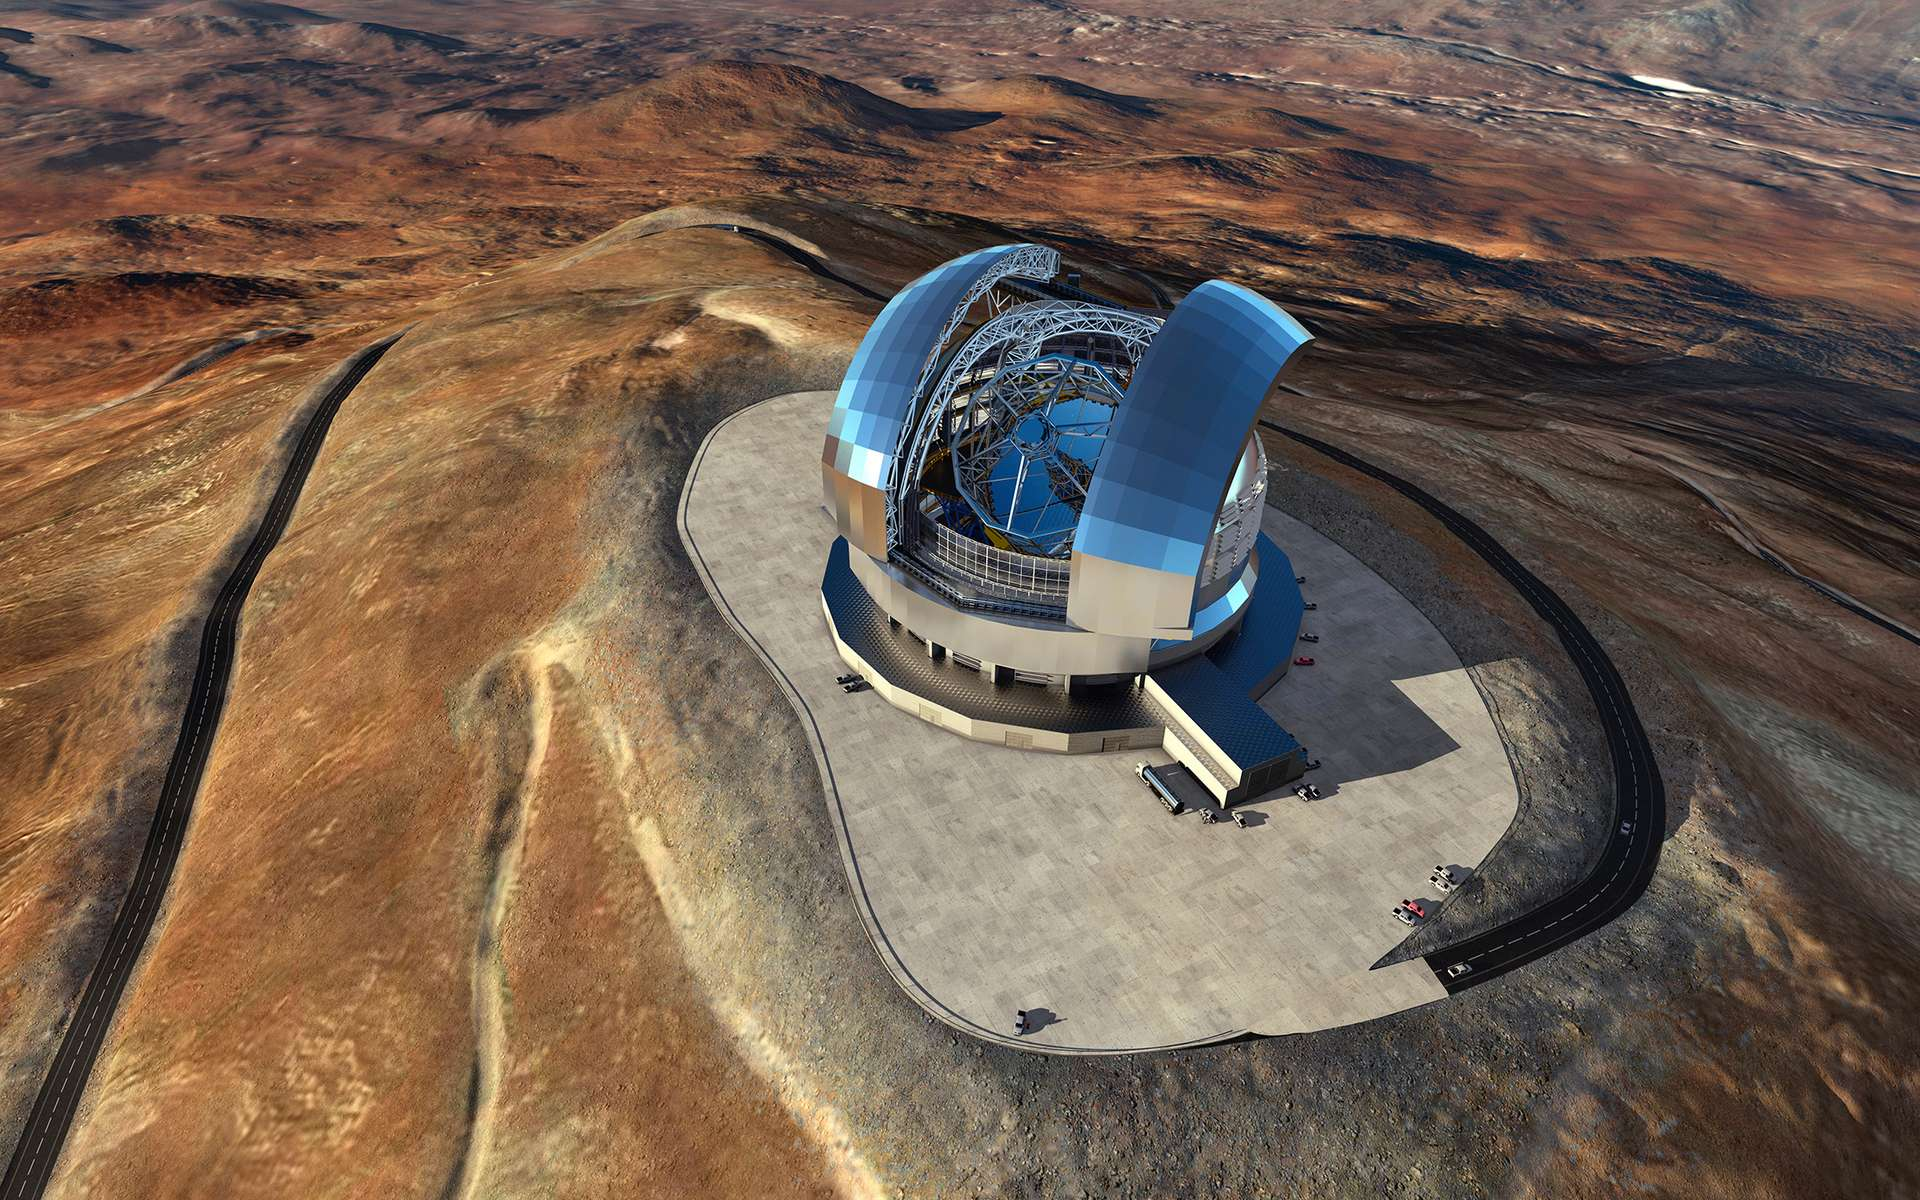 Vue d'artiste du télescope géant de l'ESO (E-ELT), dont la construction a débuté au Chili. Cette observatoire, doté d'un miroir primaire de 39 mètres, sera installé au sommet du Cerro Armazones. Sa mise en service et ses premières lumières sont prévues en 2026. © ESO / L. Calçada / ACe Consortium